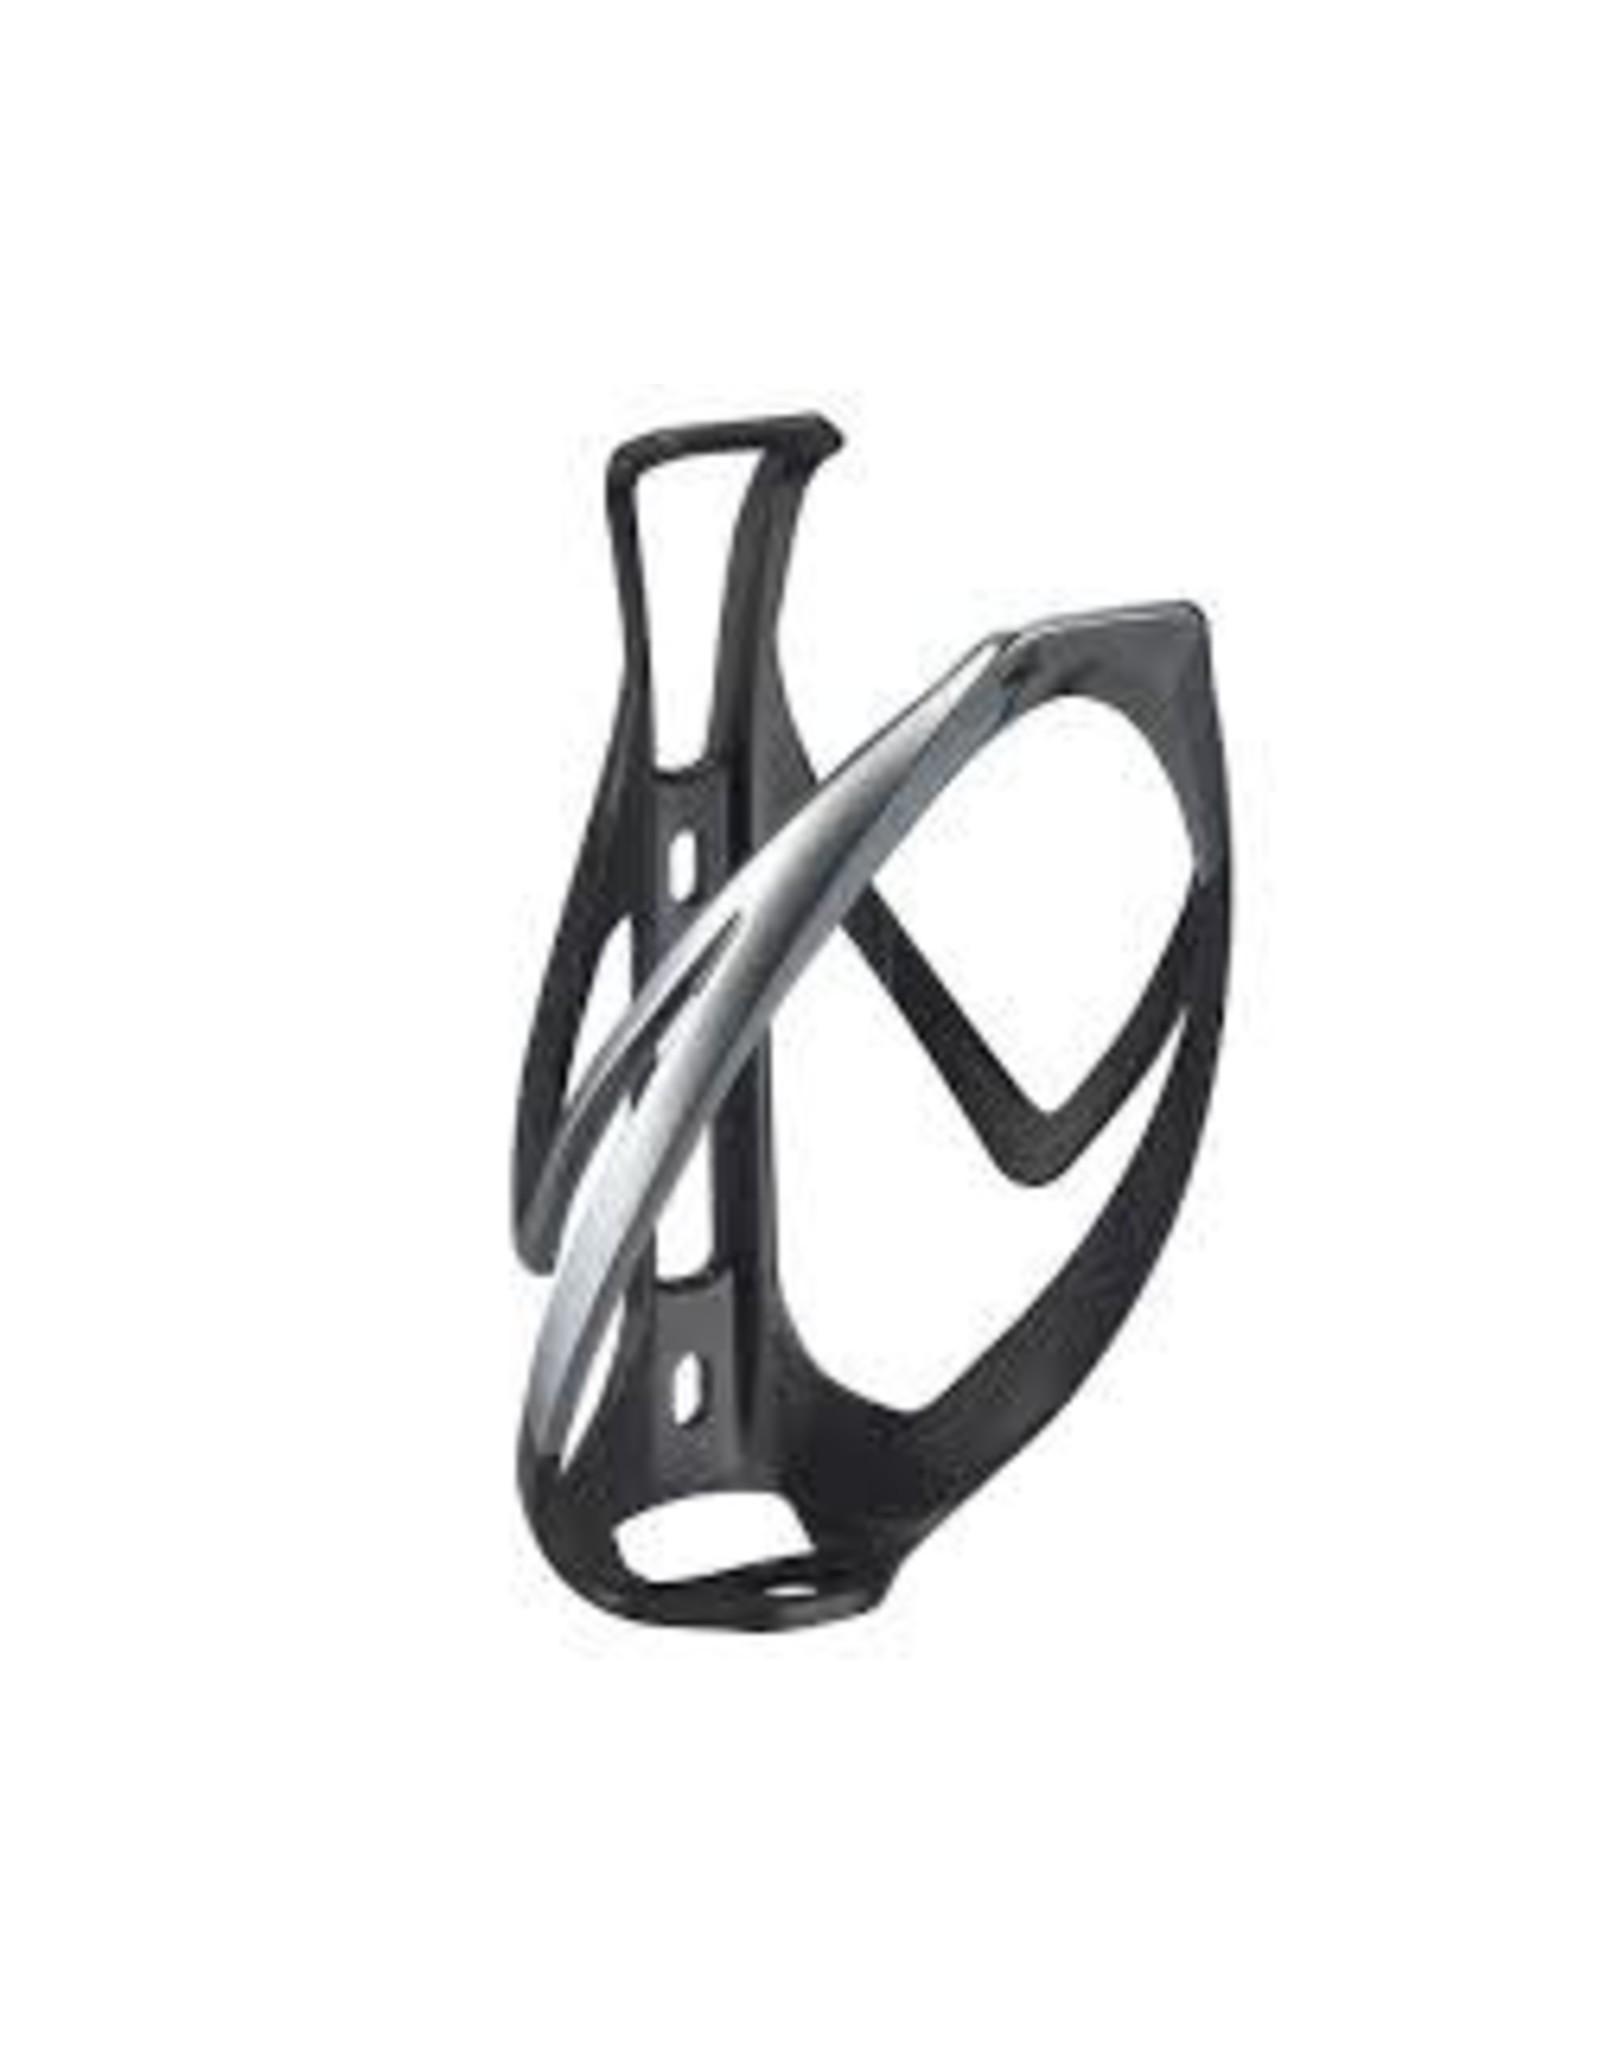 Specialized Cage Spec Rib Cage II Matte Blk/LiqSil